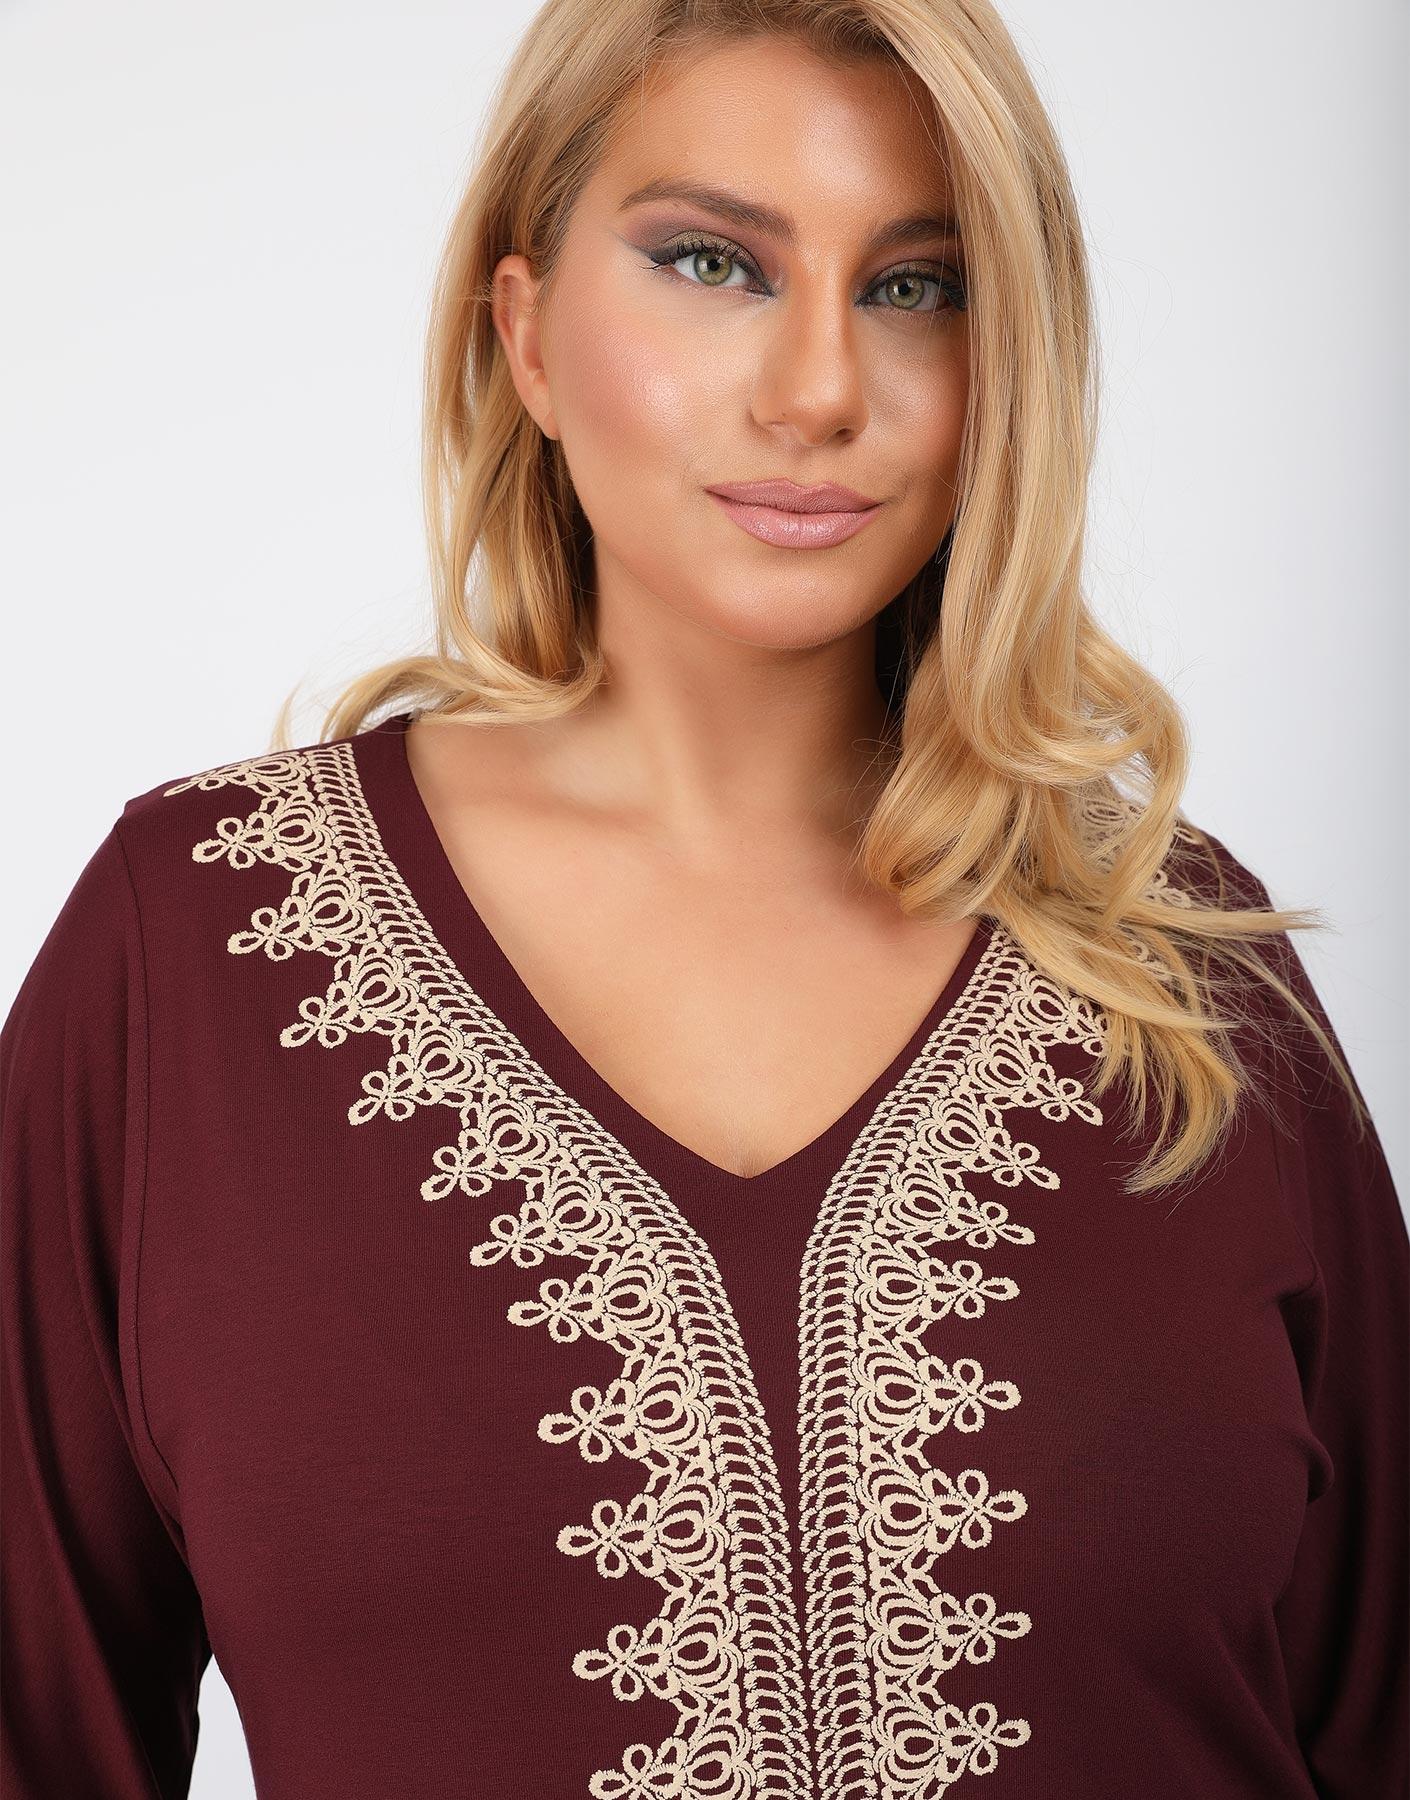 Ethnic style μπλούζα